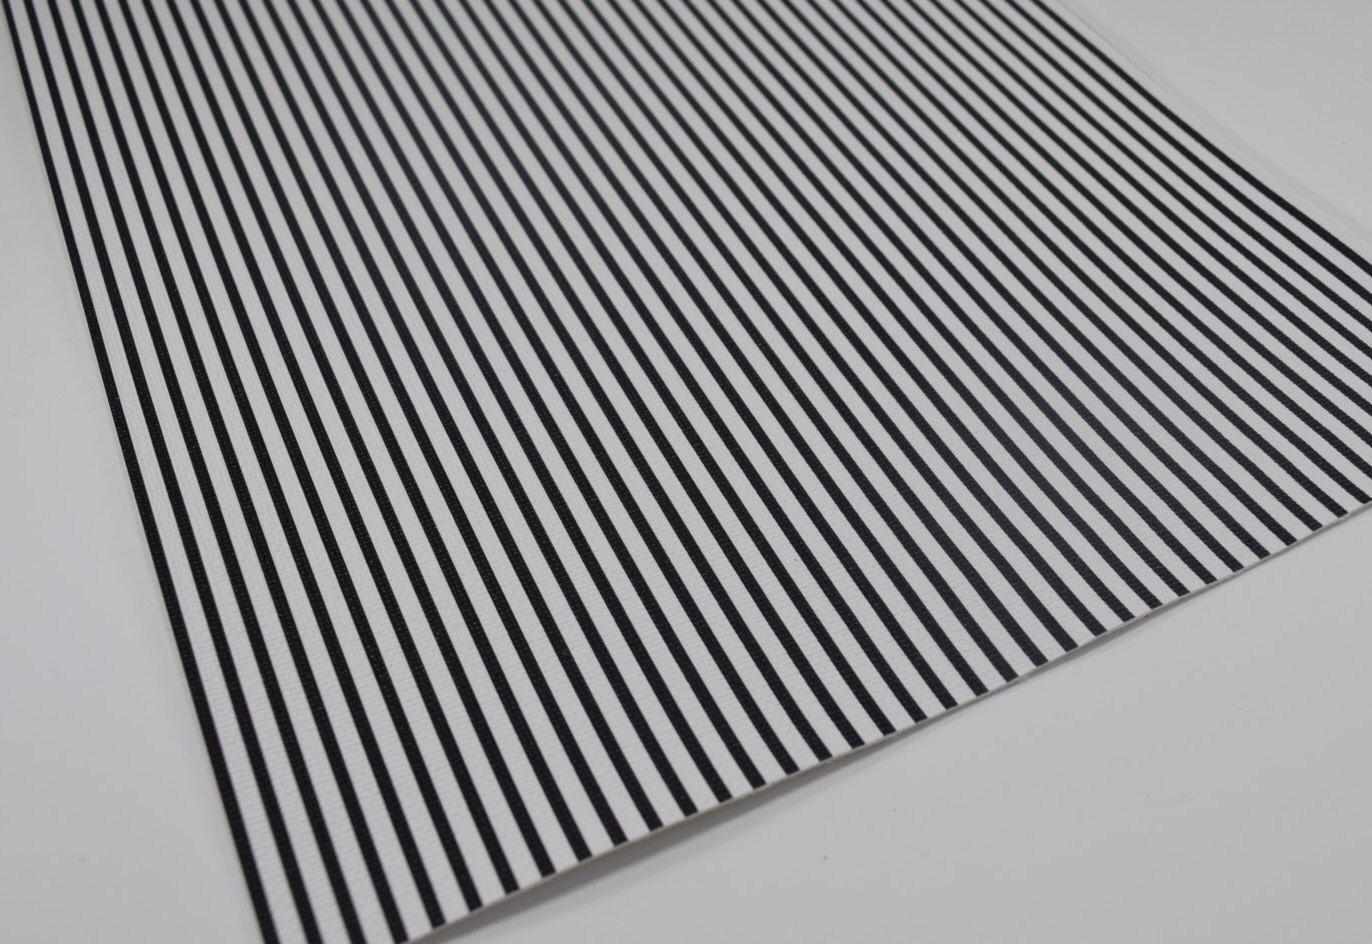 Black White Stripes Faux Leather Sheet 8x11 Faux Leather Textured Faux Leather Fake Leather Faux Te With Images Leather Sheets Faux Leather Fabric Black White Stripes